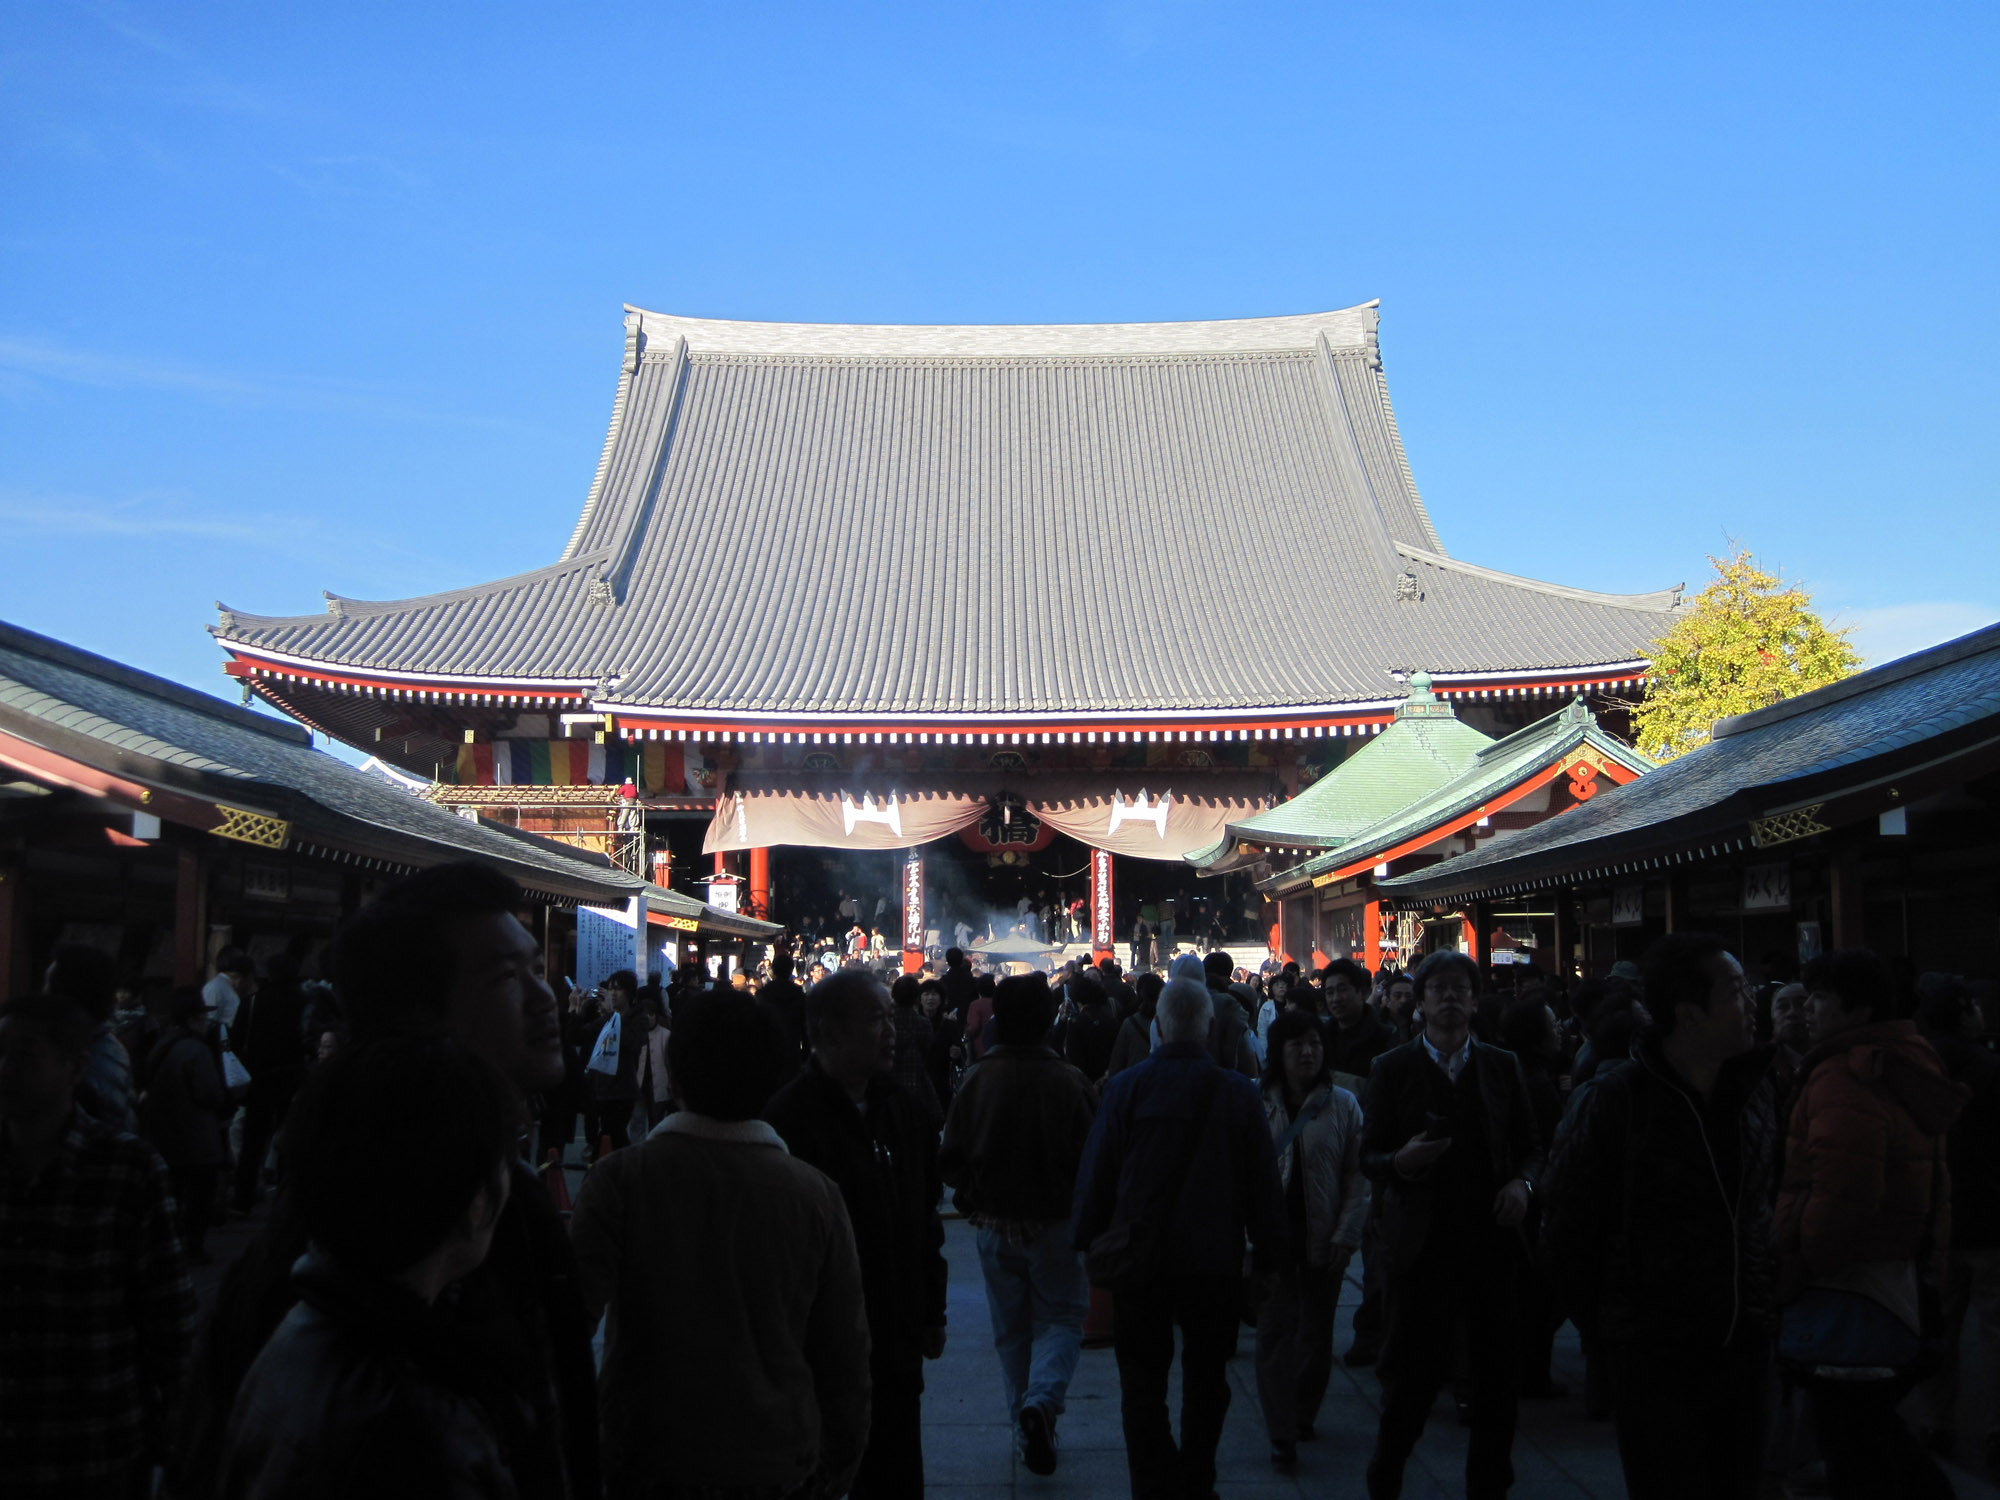 Vista del templo Senso-ji